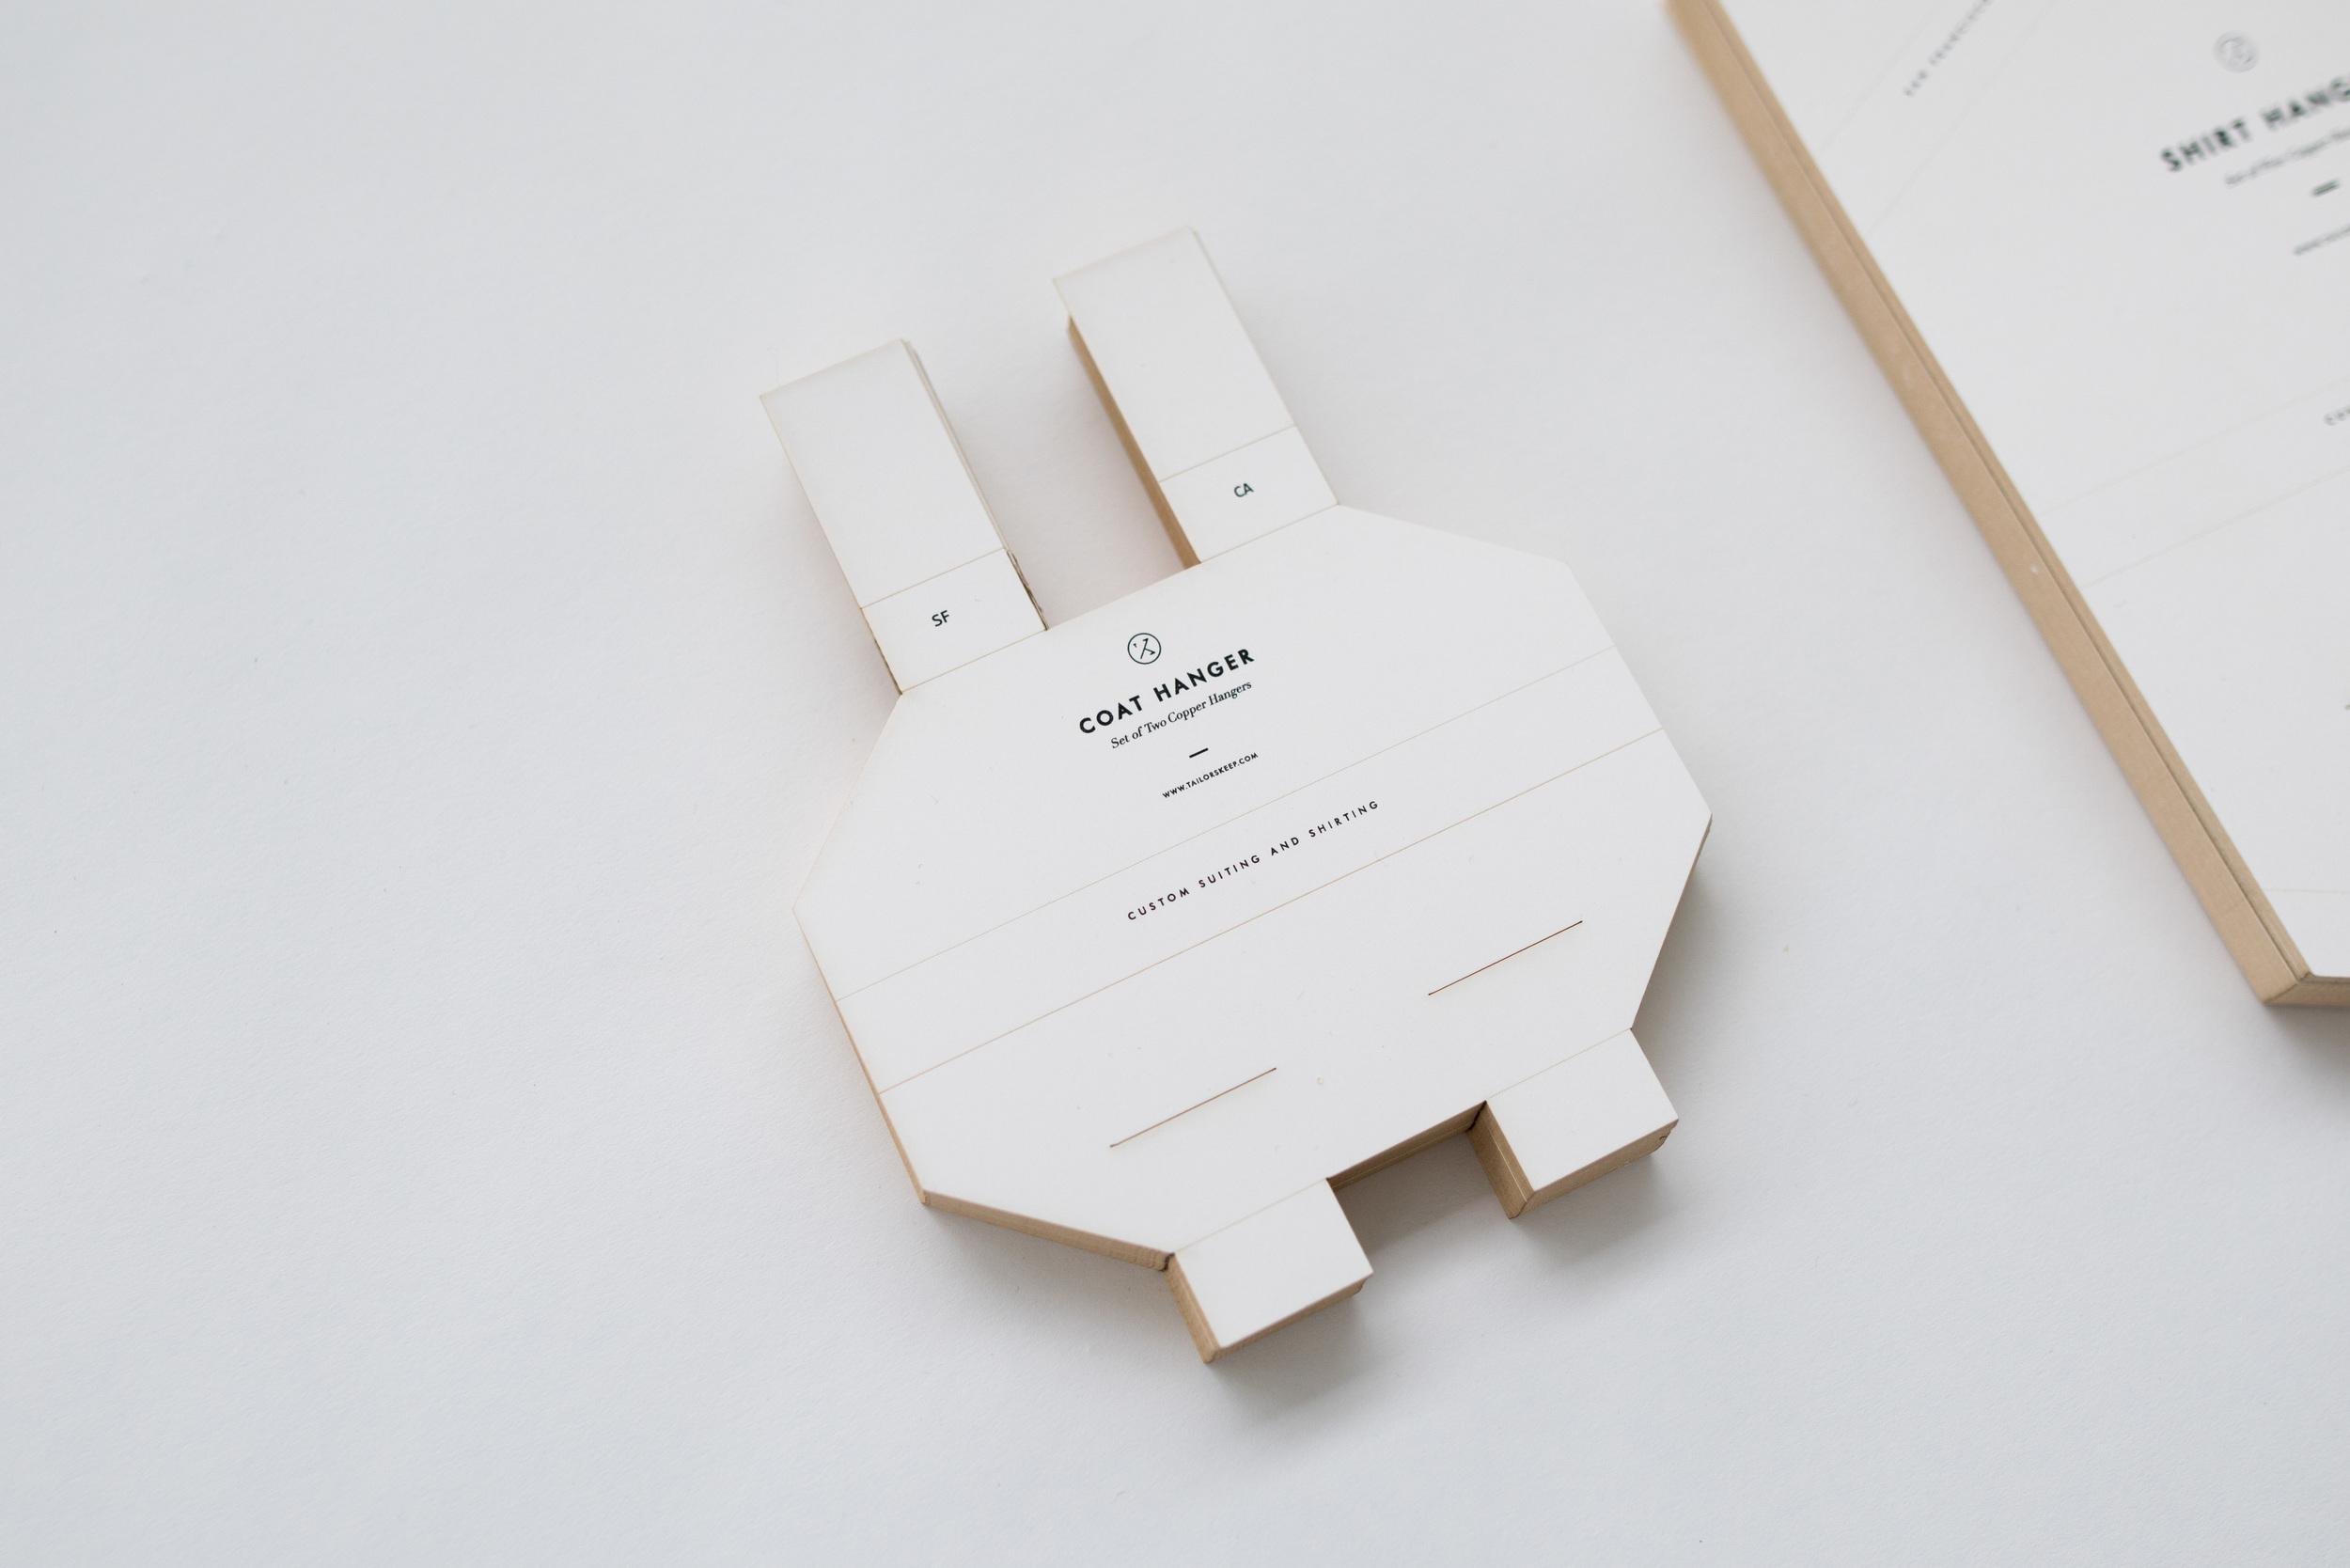 Hanger Packaging-43.jpg